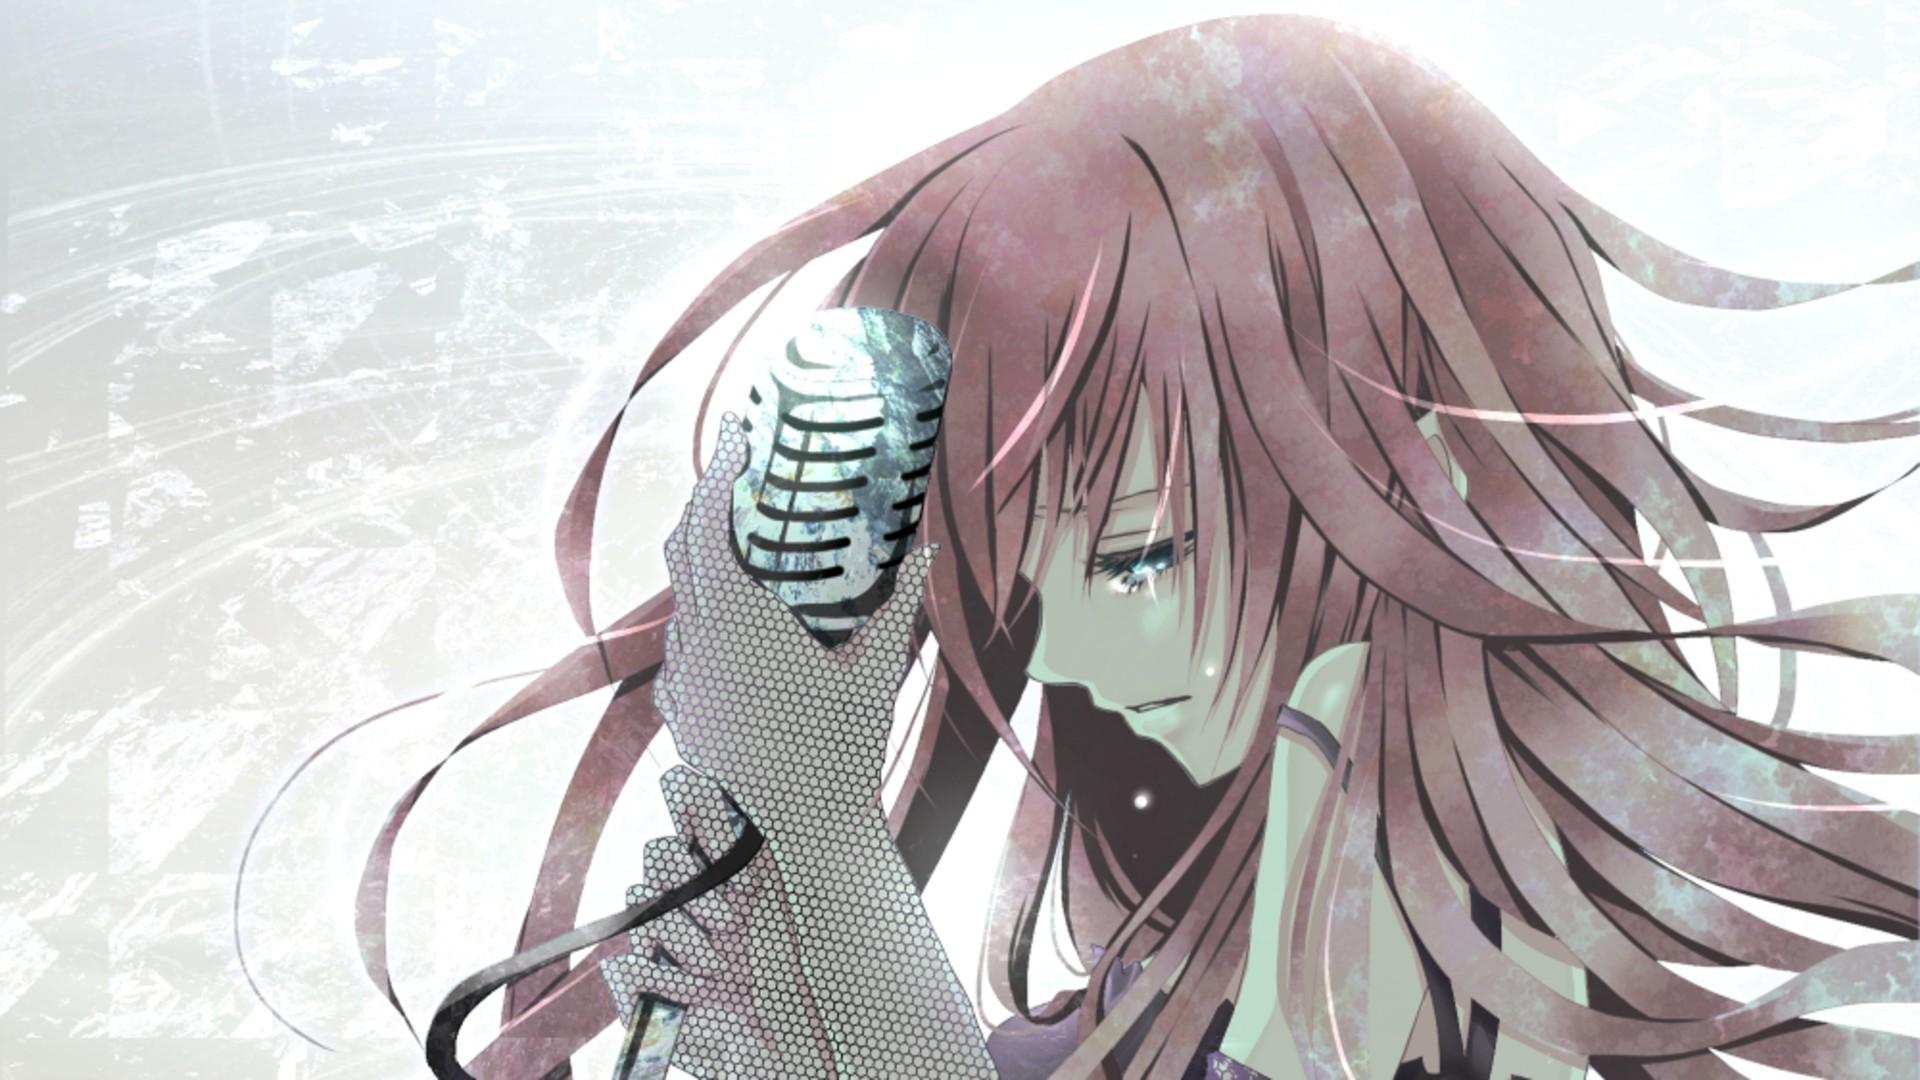 … Anime Sad Wallpaper Page 1